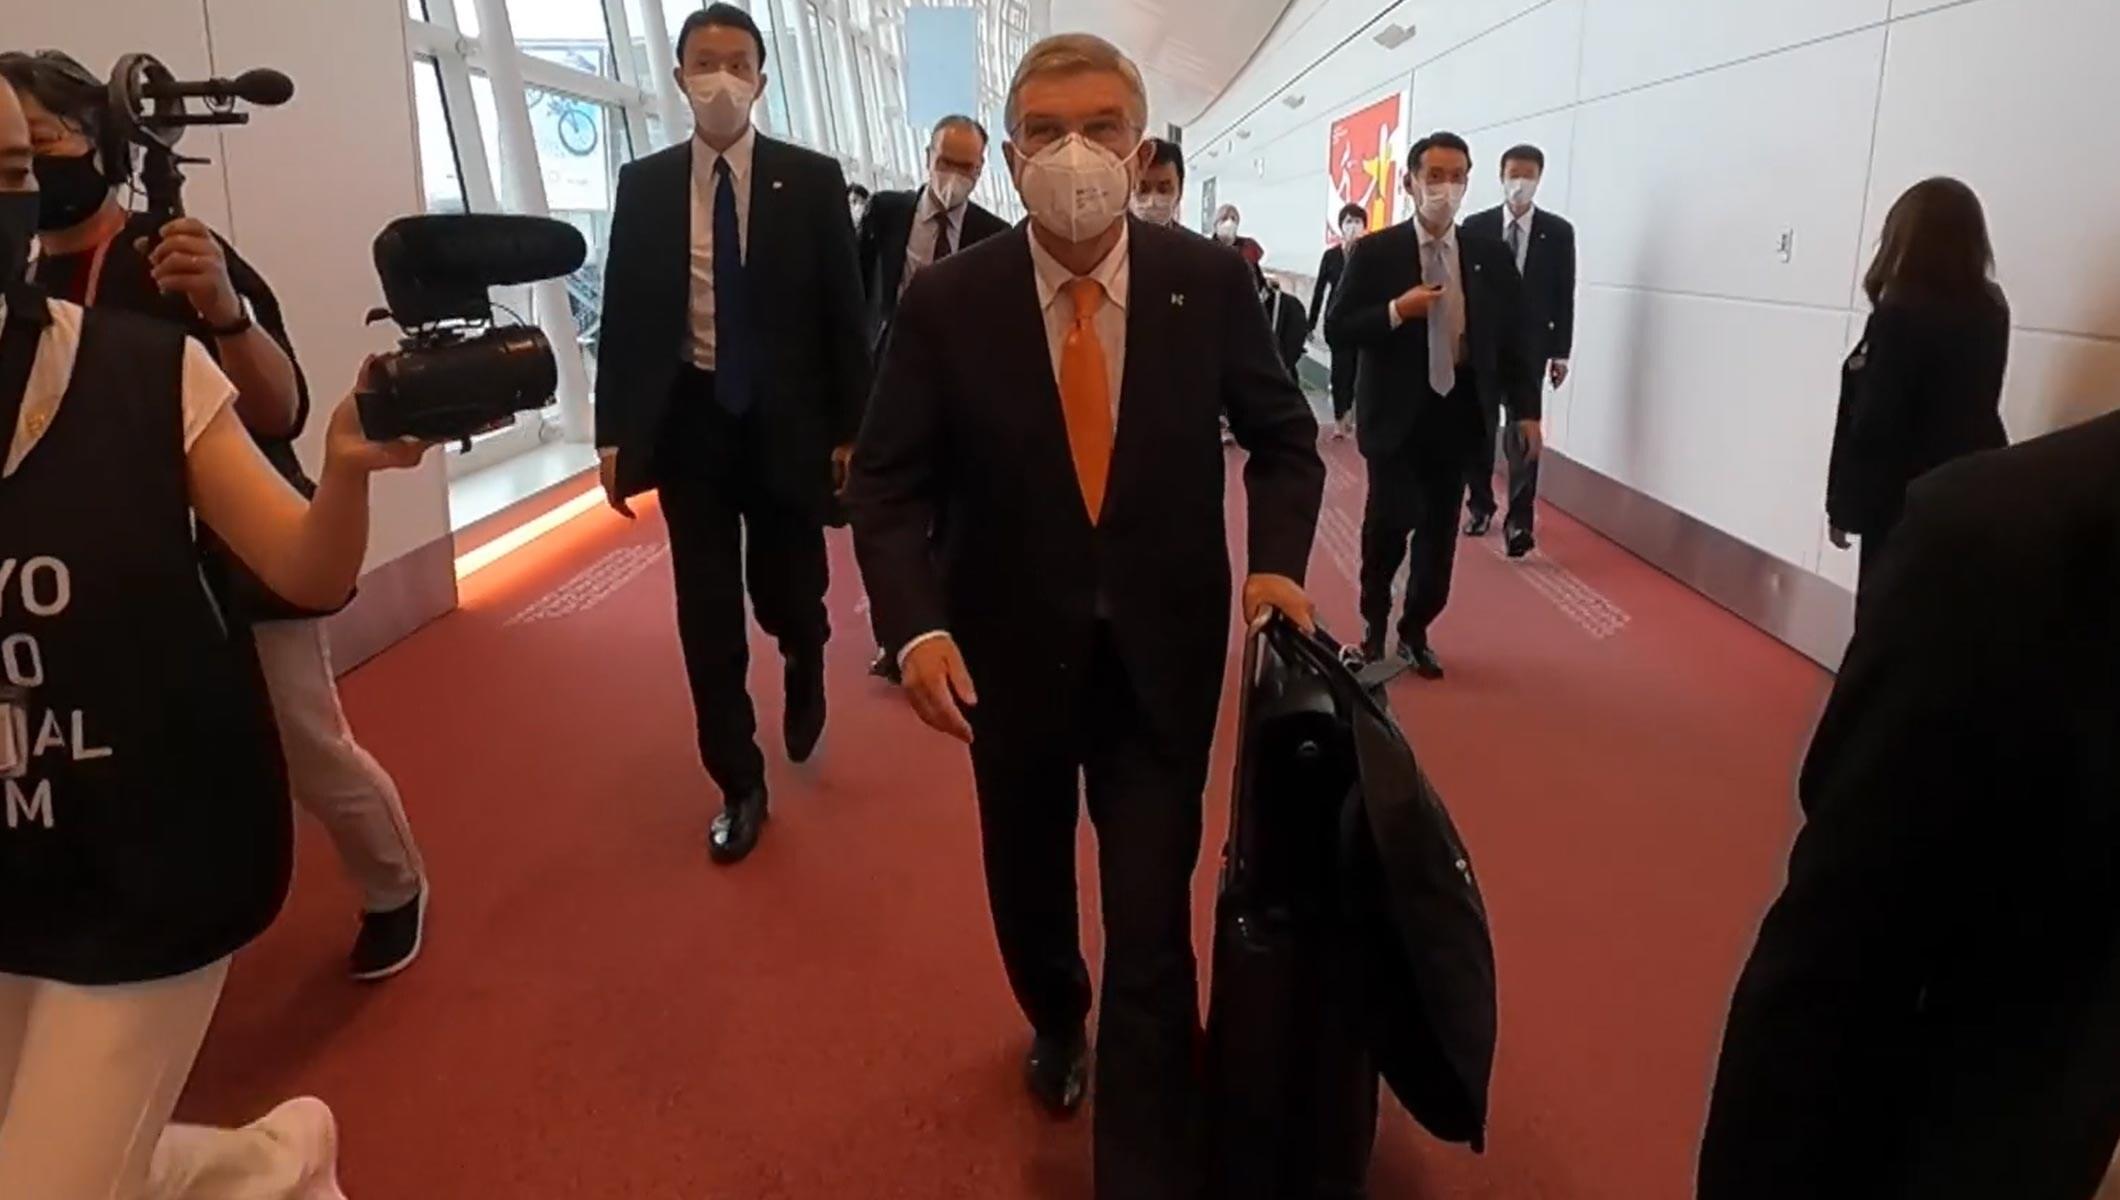 Presidente del COI llega a Japón antes de los Juegos Olímpicos de Tokio 2020